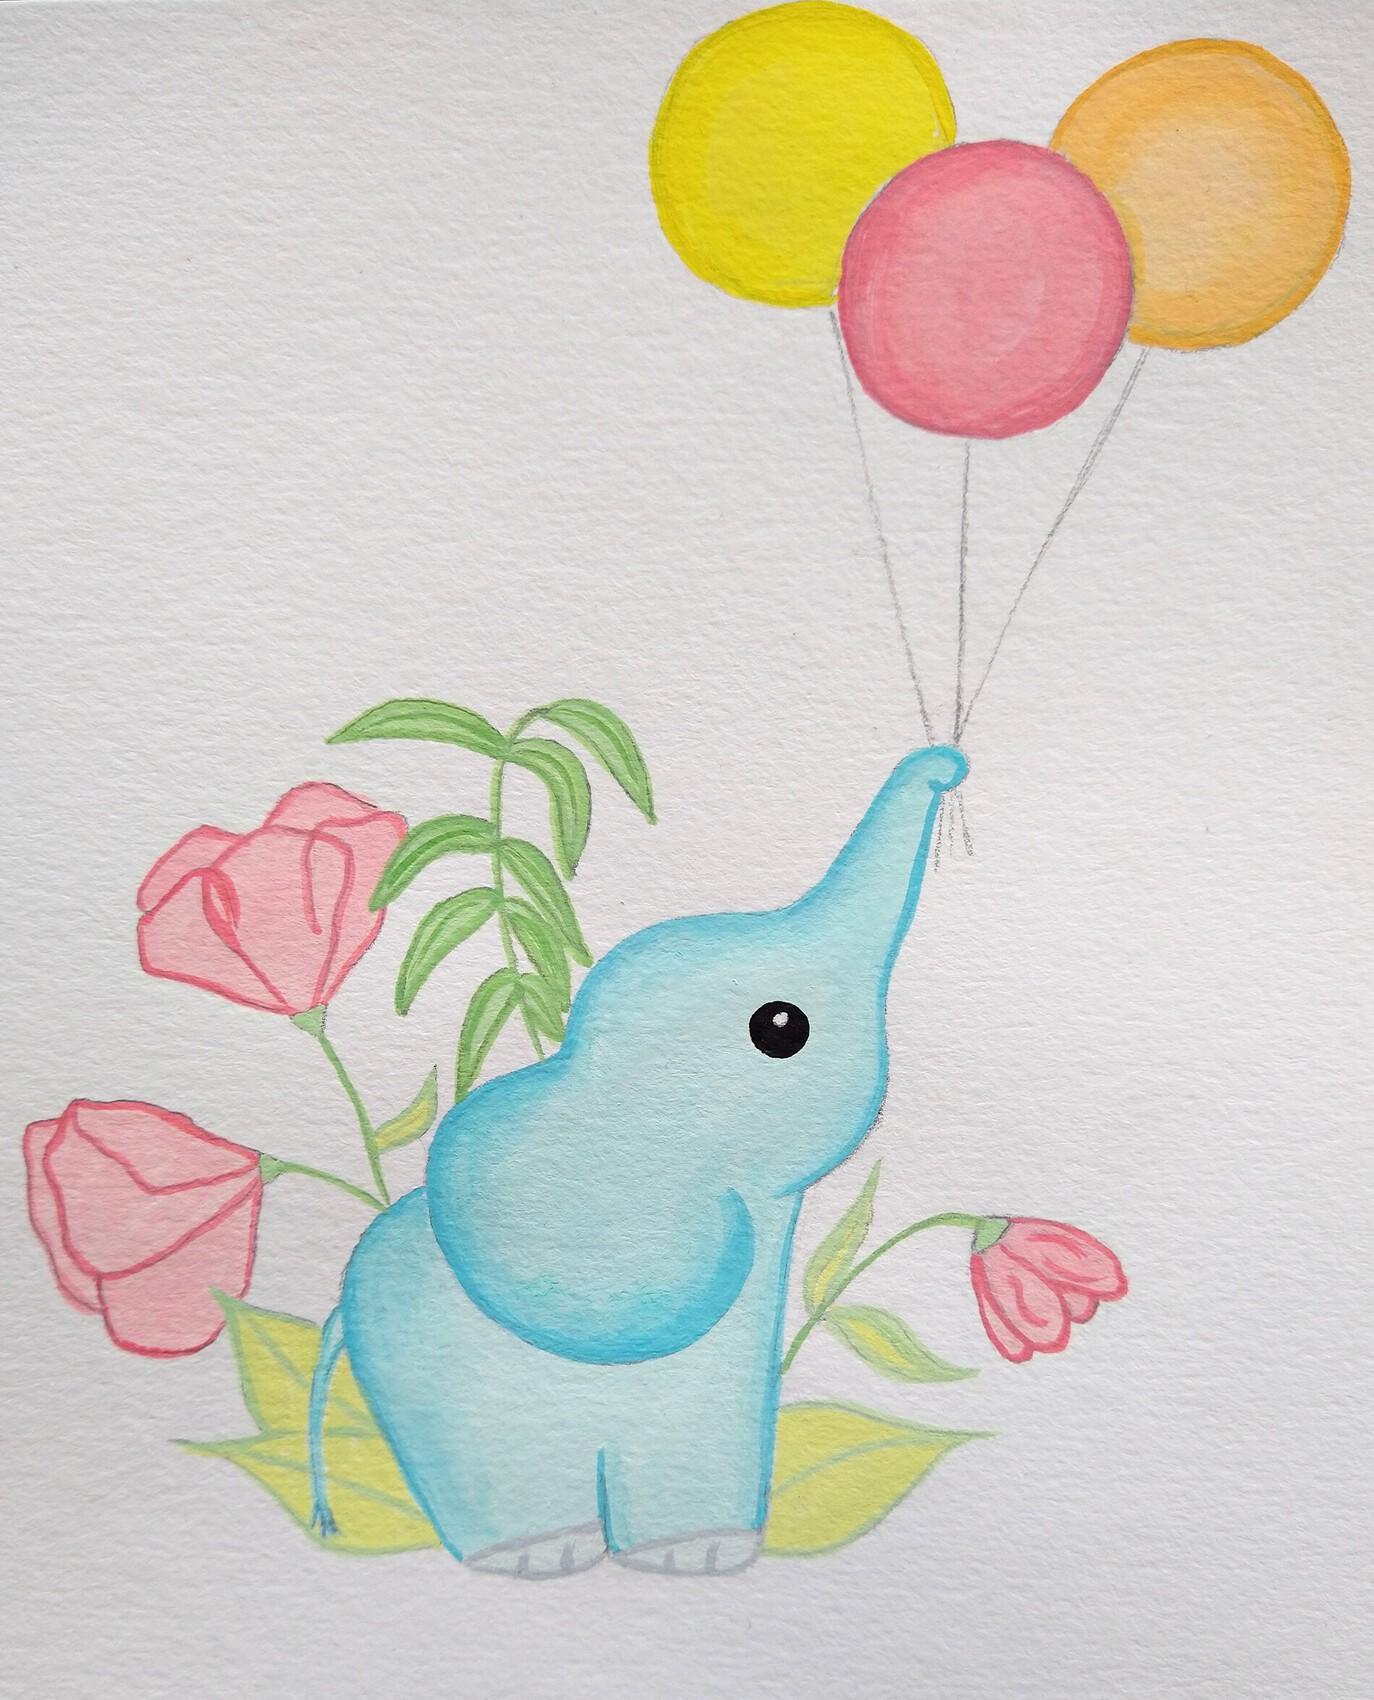 L'éléphant et ses ballons